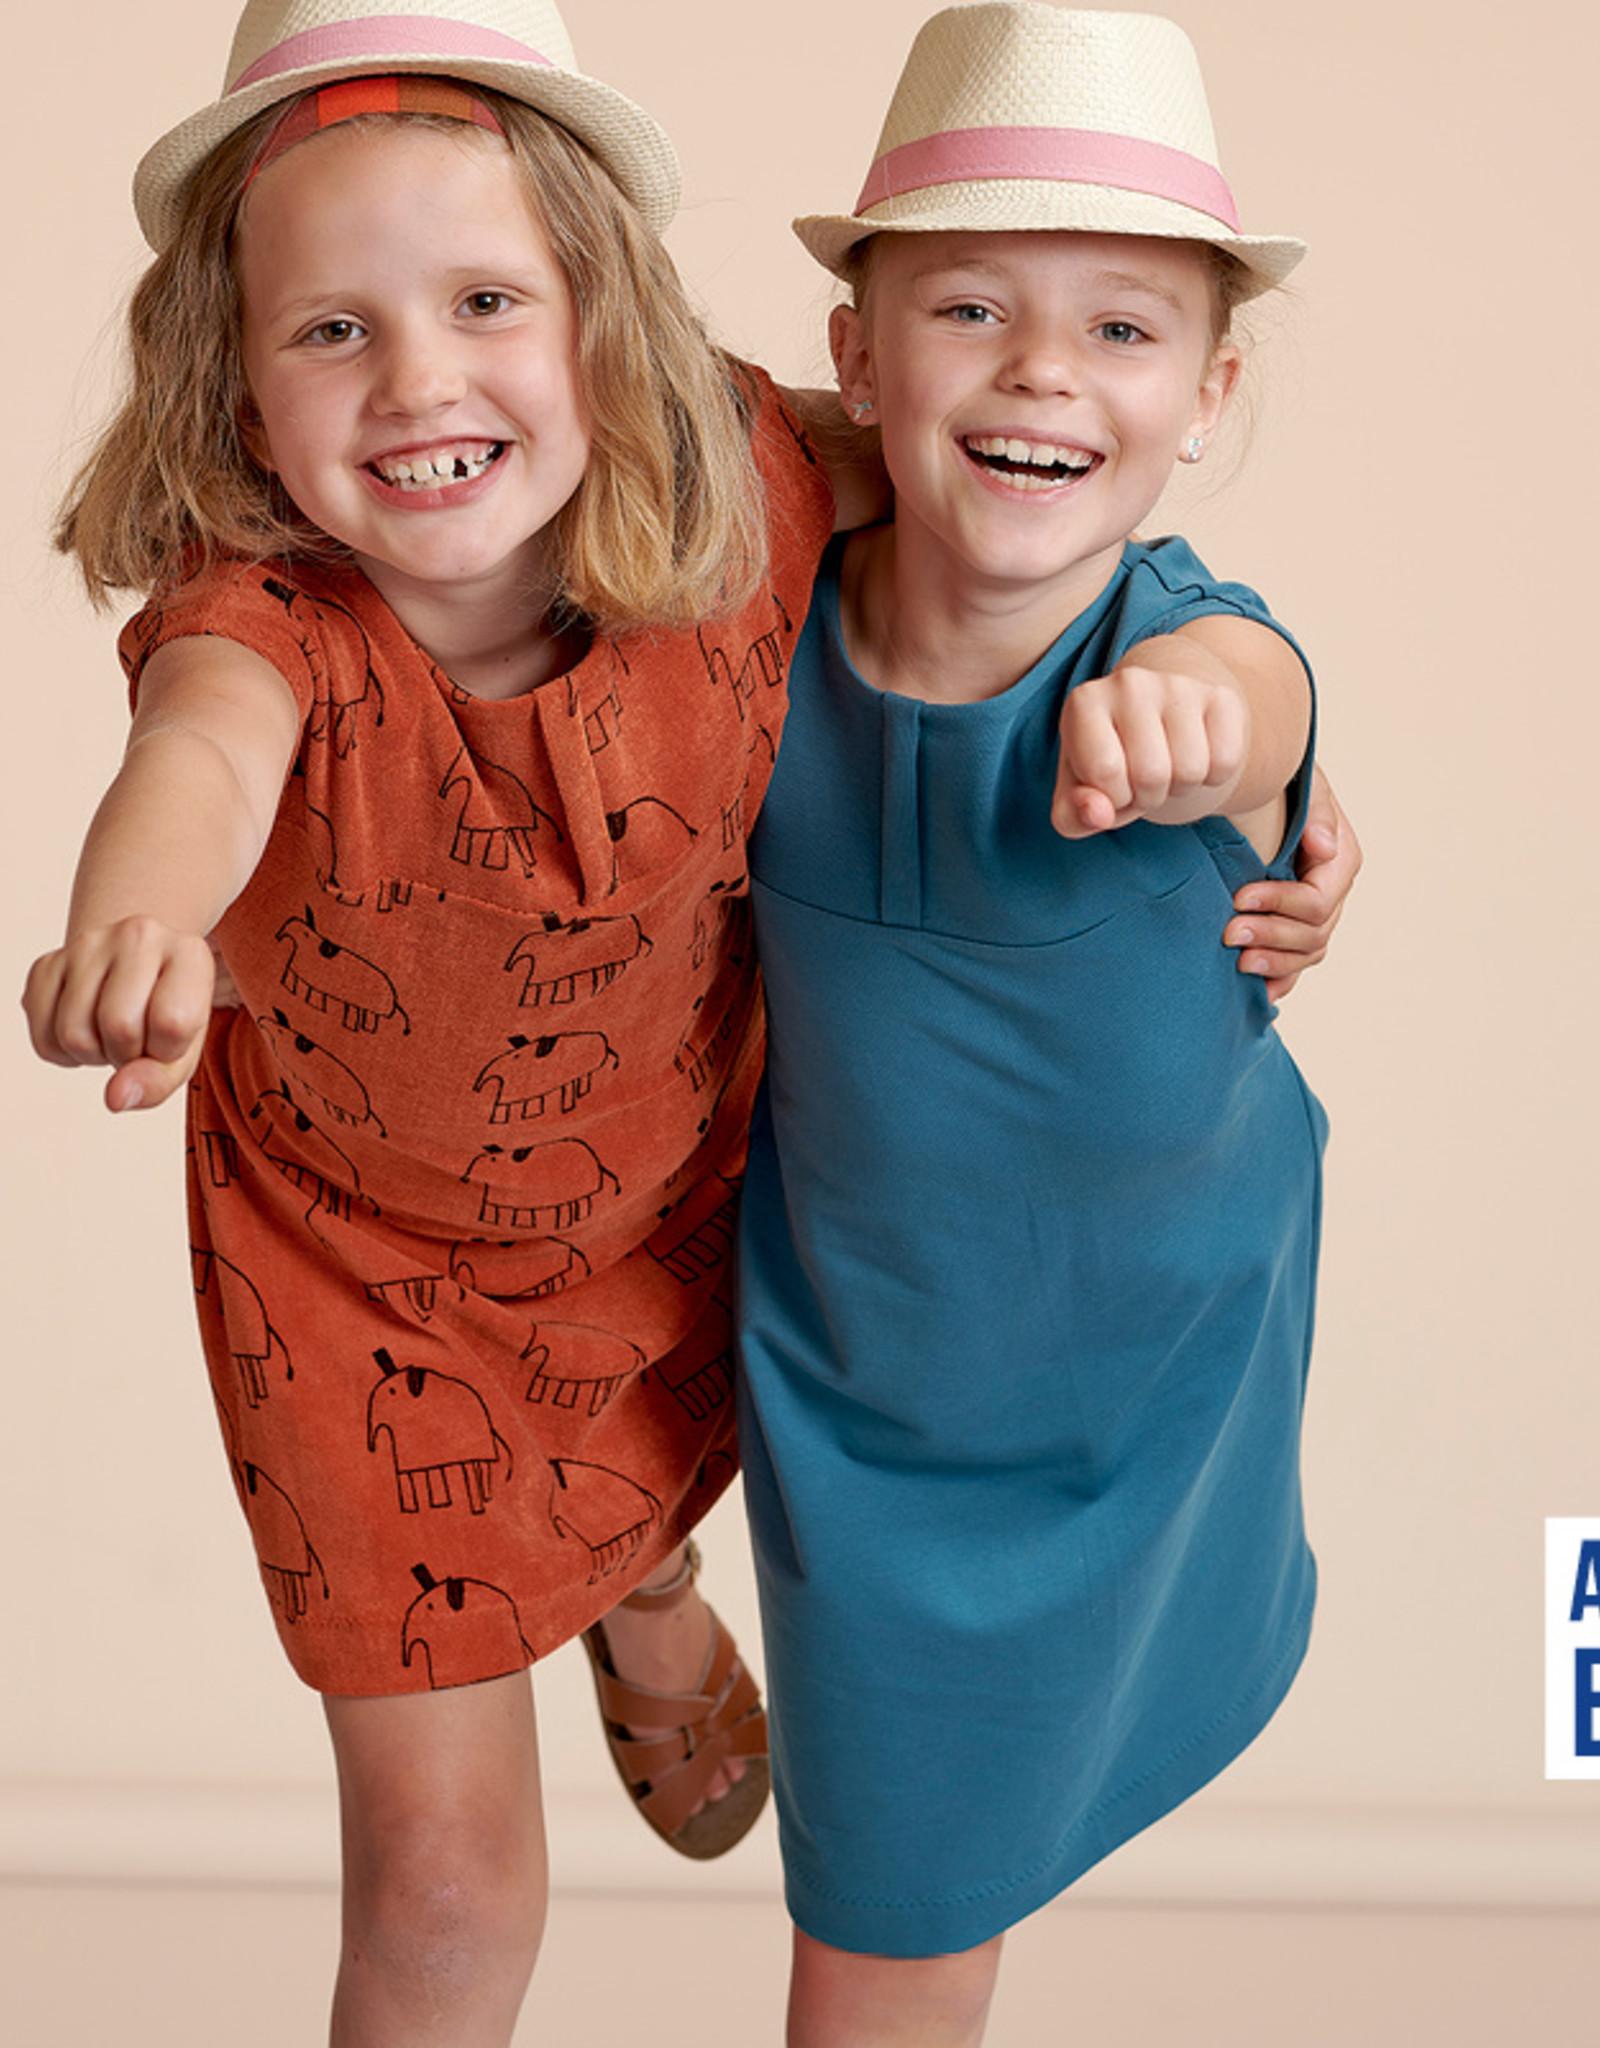 About Blue Fabrics Greentown Kids kinderjurk & T-shirt